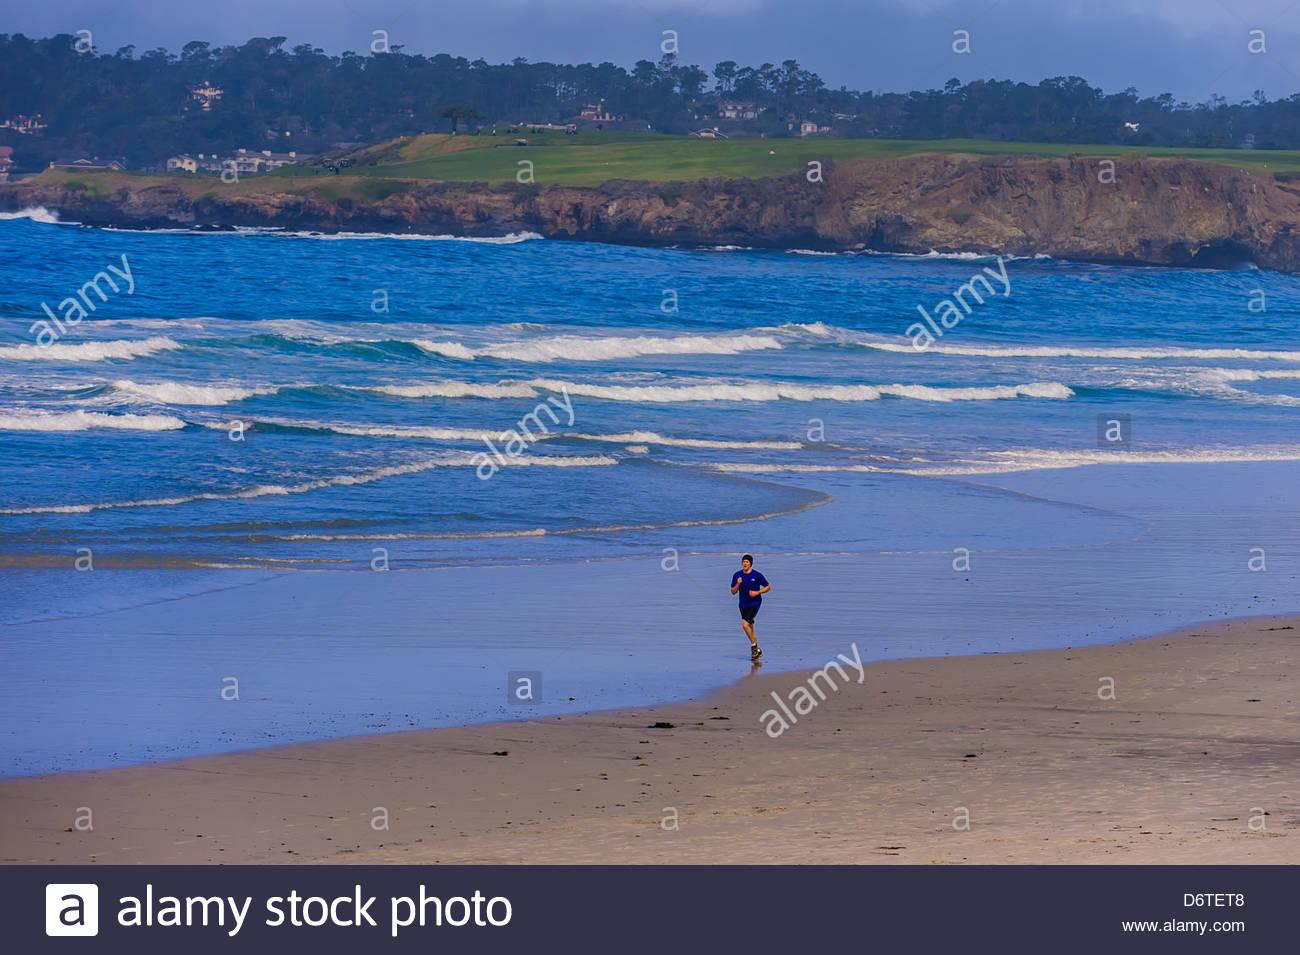 Escena de playa, Carmel, el Condado de Monterey, California, EE.UU. Imagen De Stock